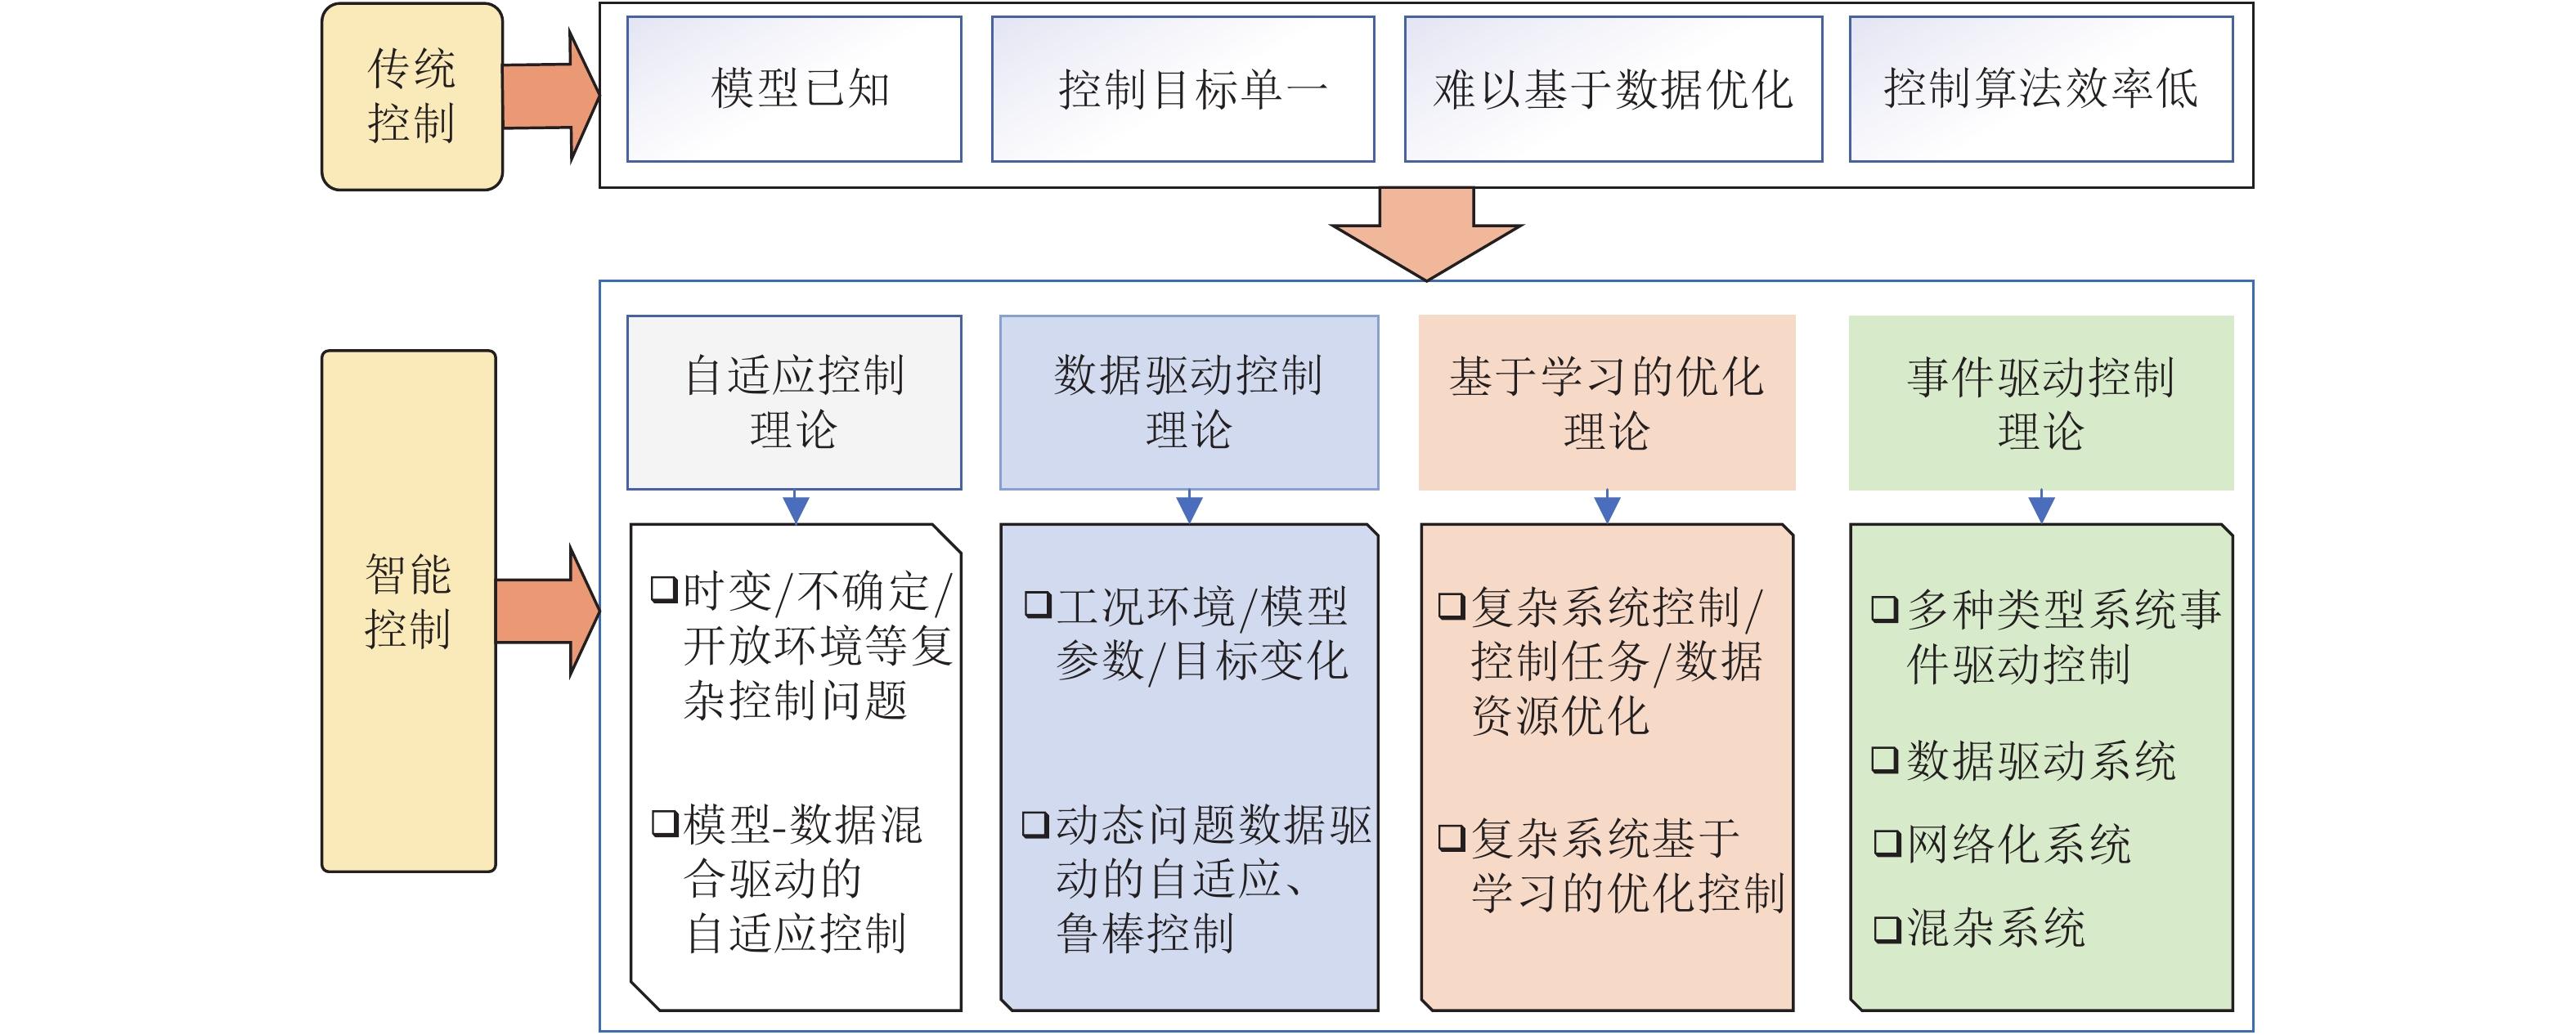 图1.jpg